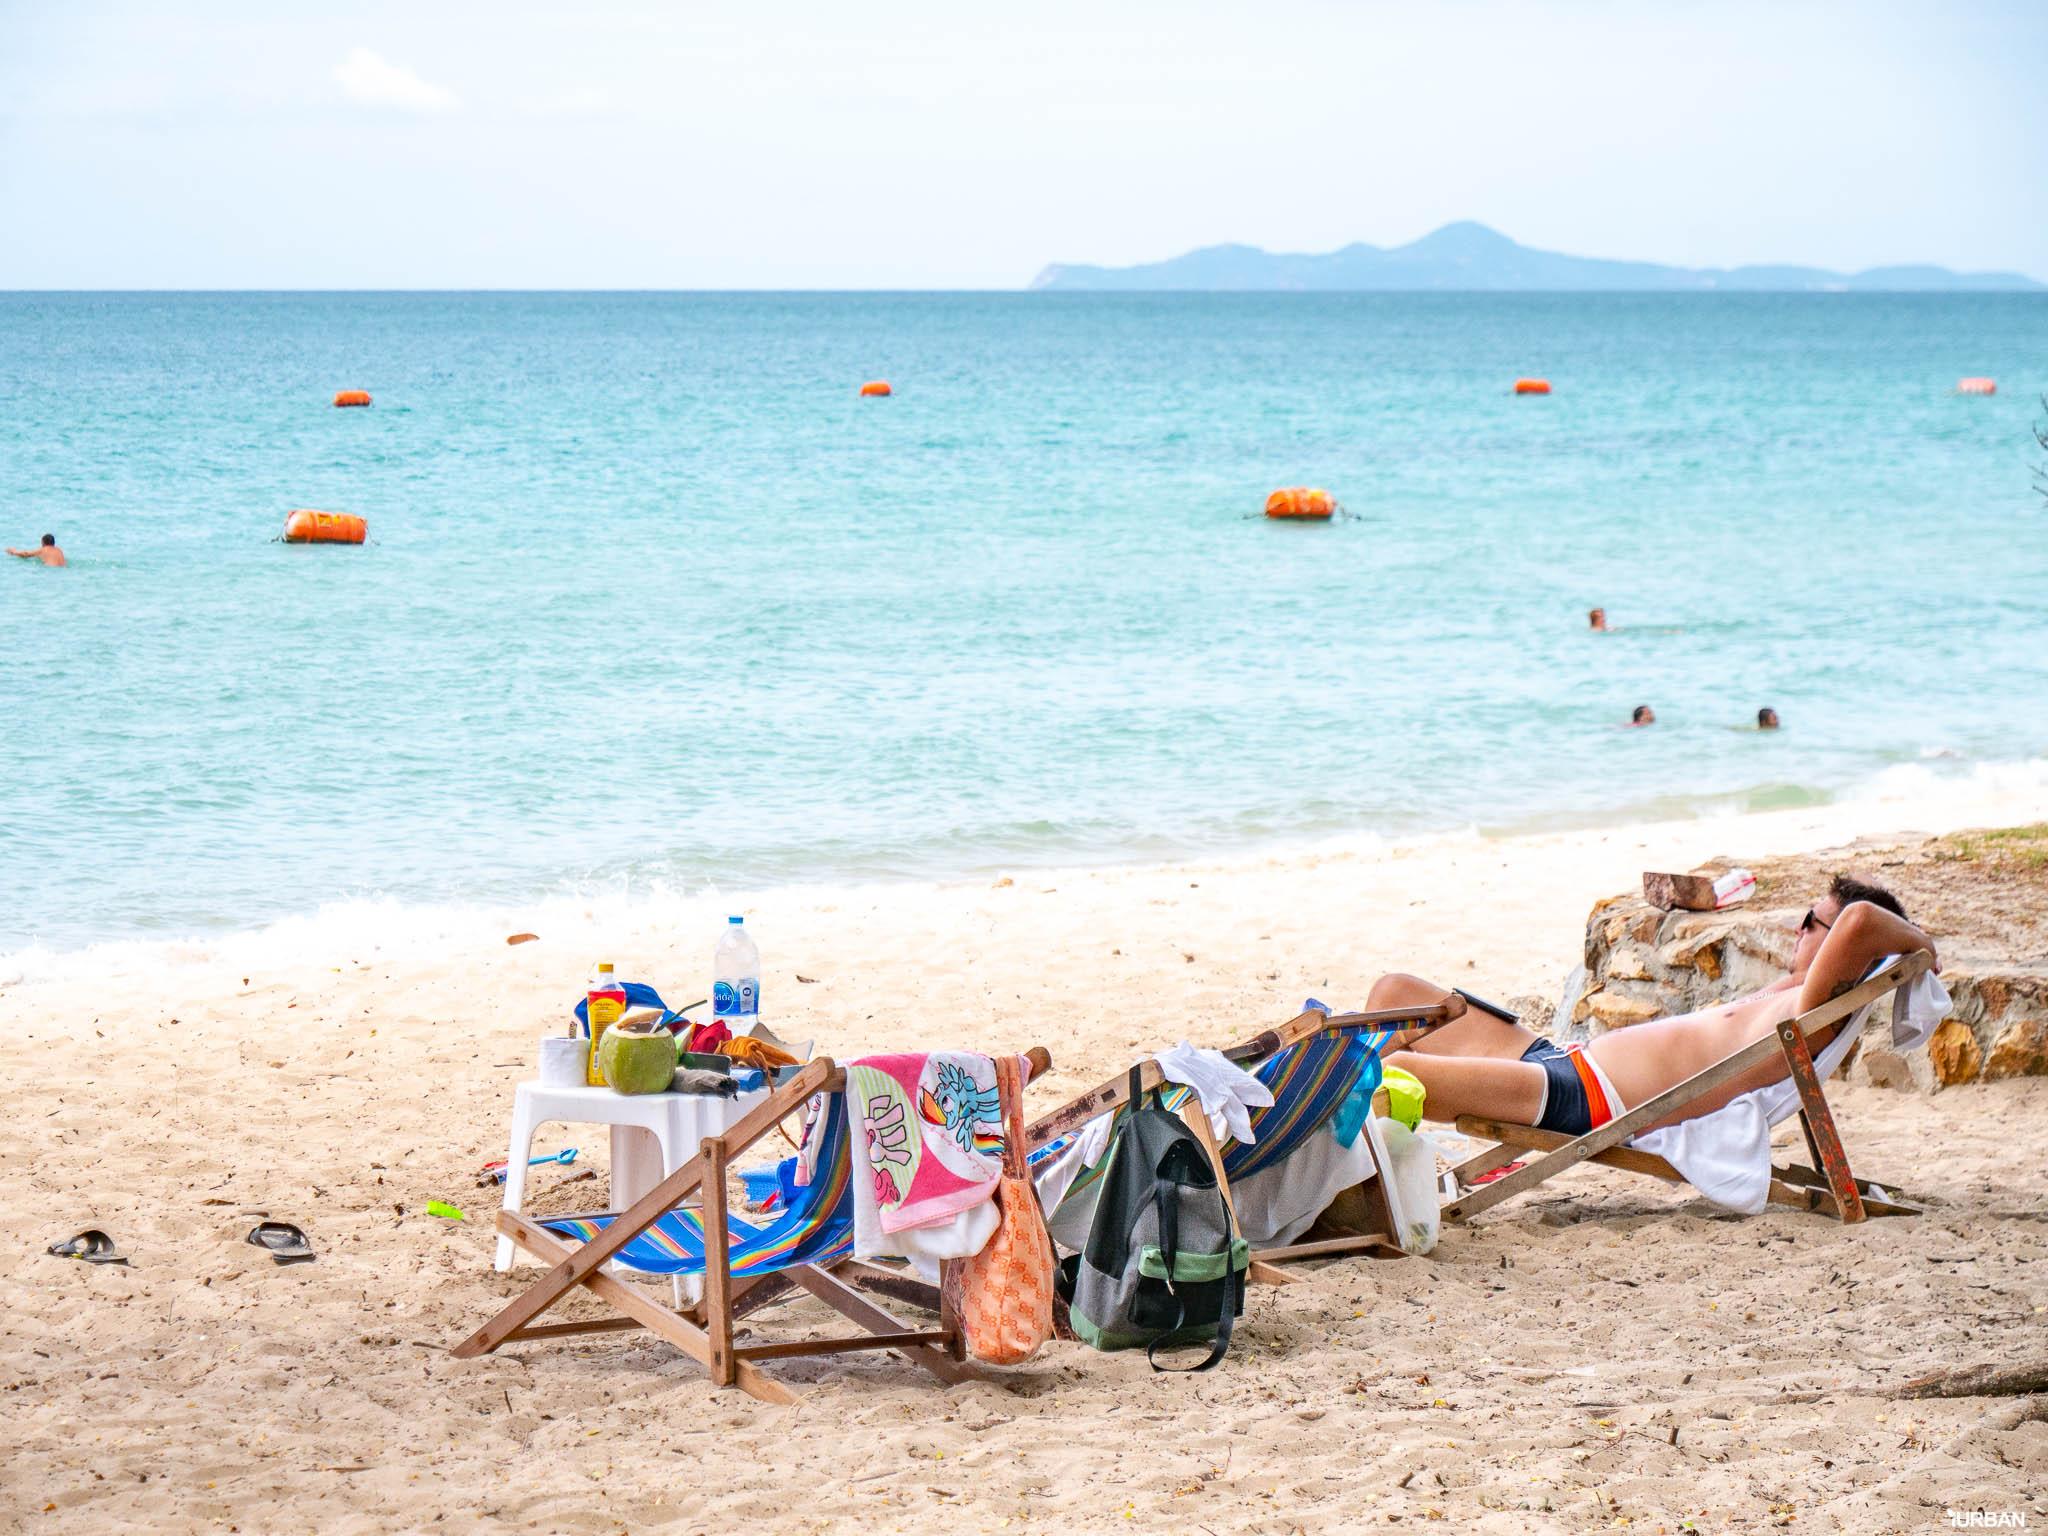 7 ชายหาดทะเลพัทยา ที่ยังสวยสะอาดน่าเที่ยวใกล้กรุงเทพ ไม่ต้องหนีร้อนไปไกล ก็พักได้ ชิลๆ 154 - Beach